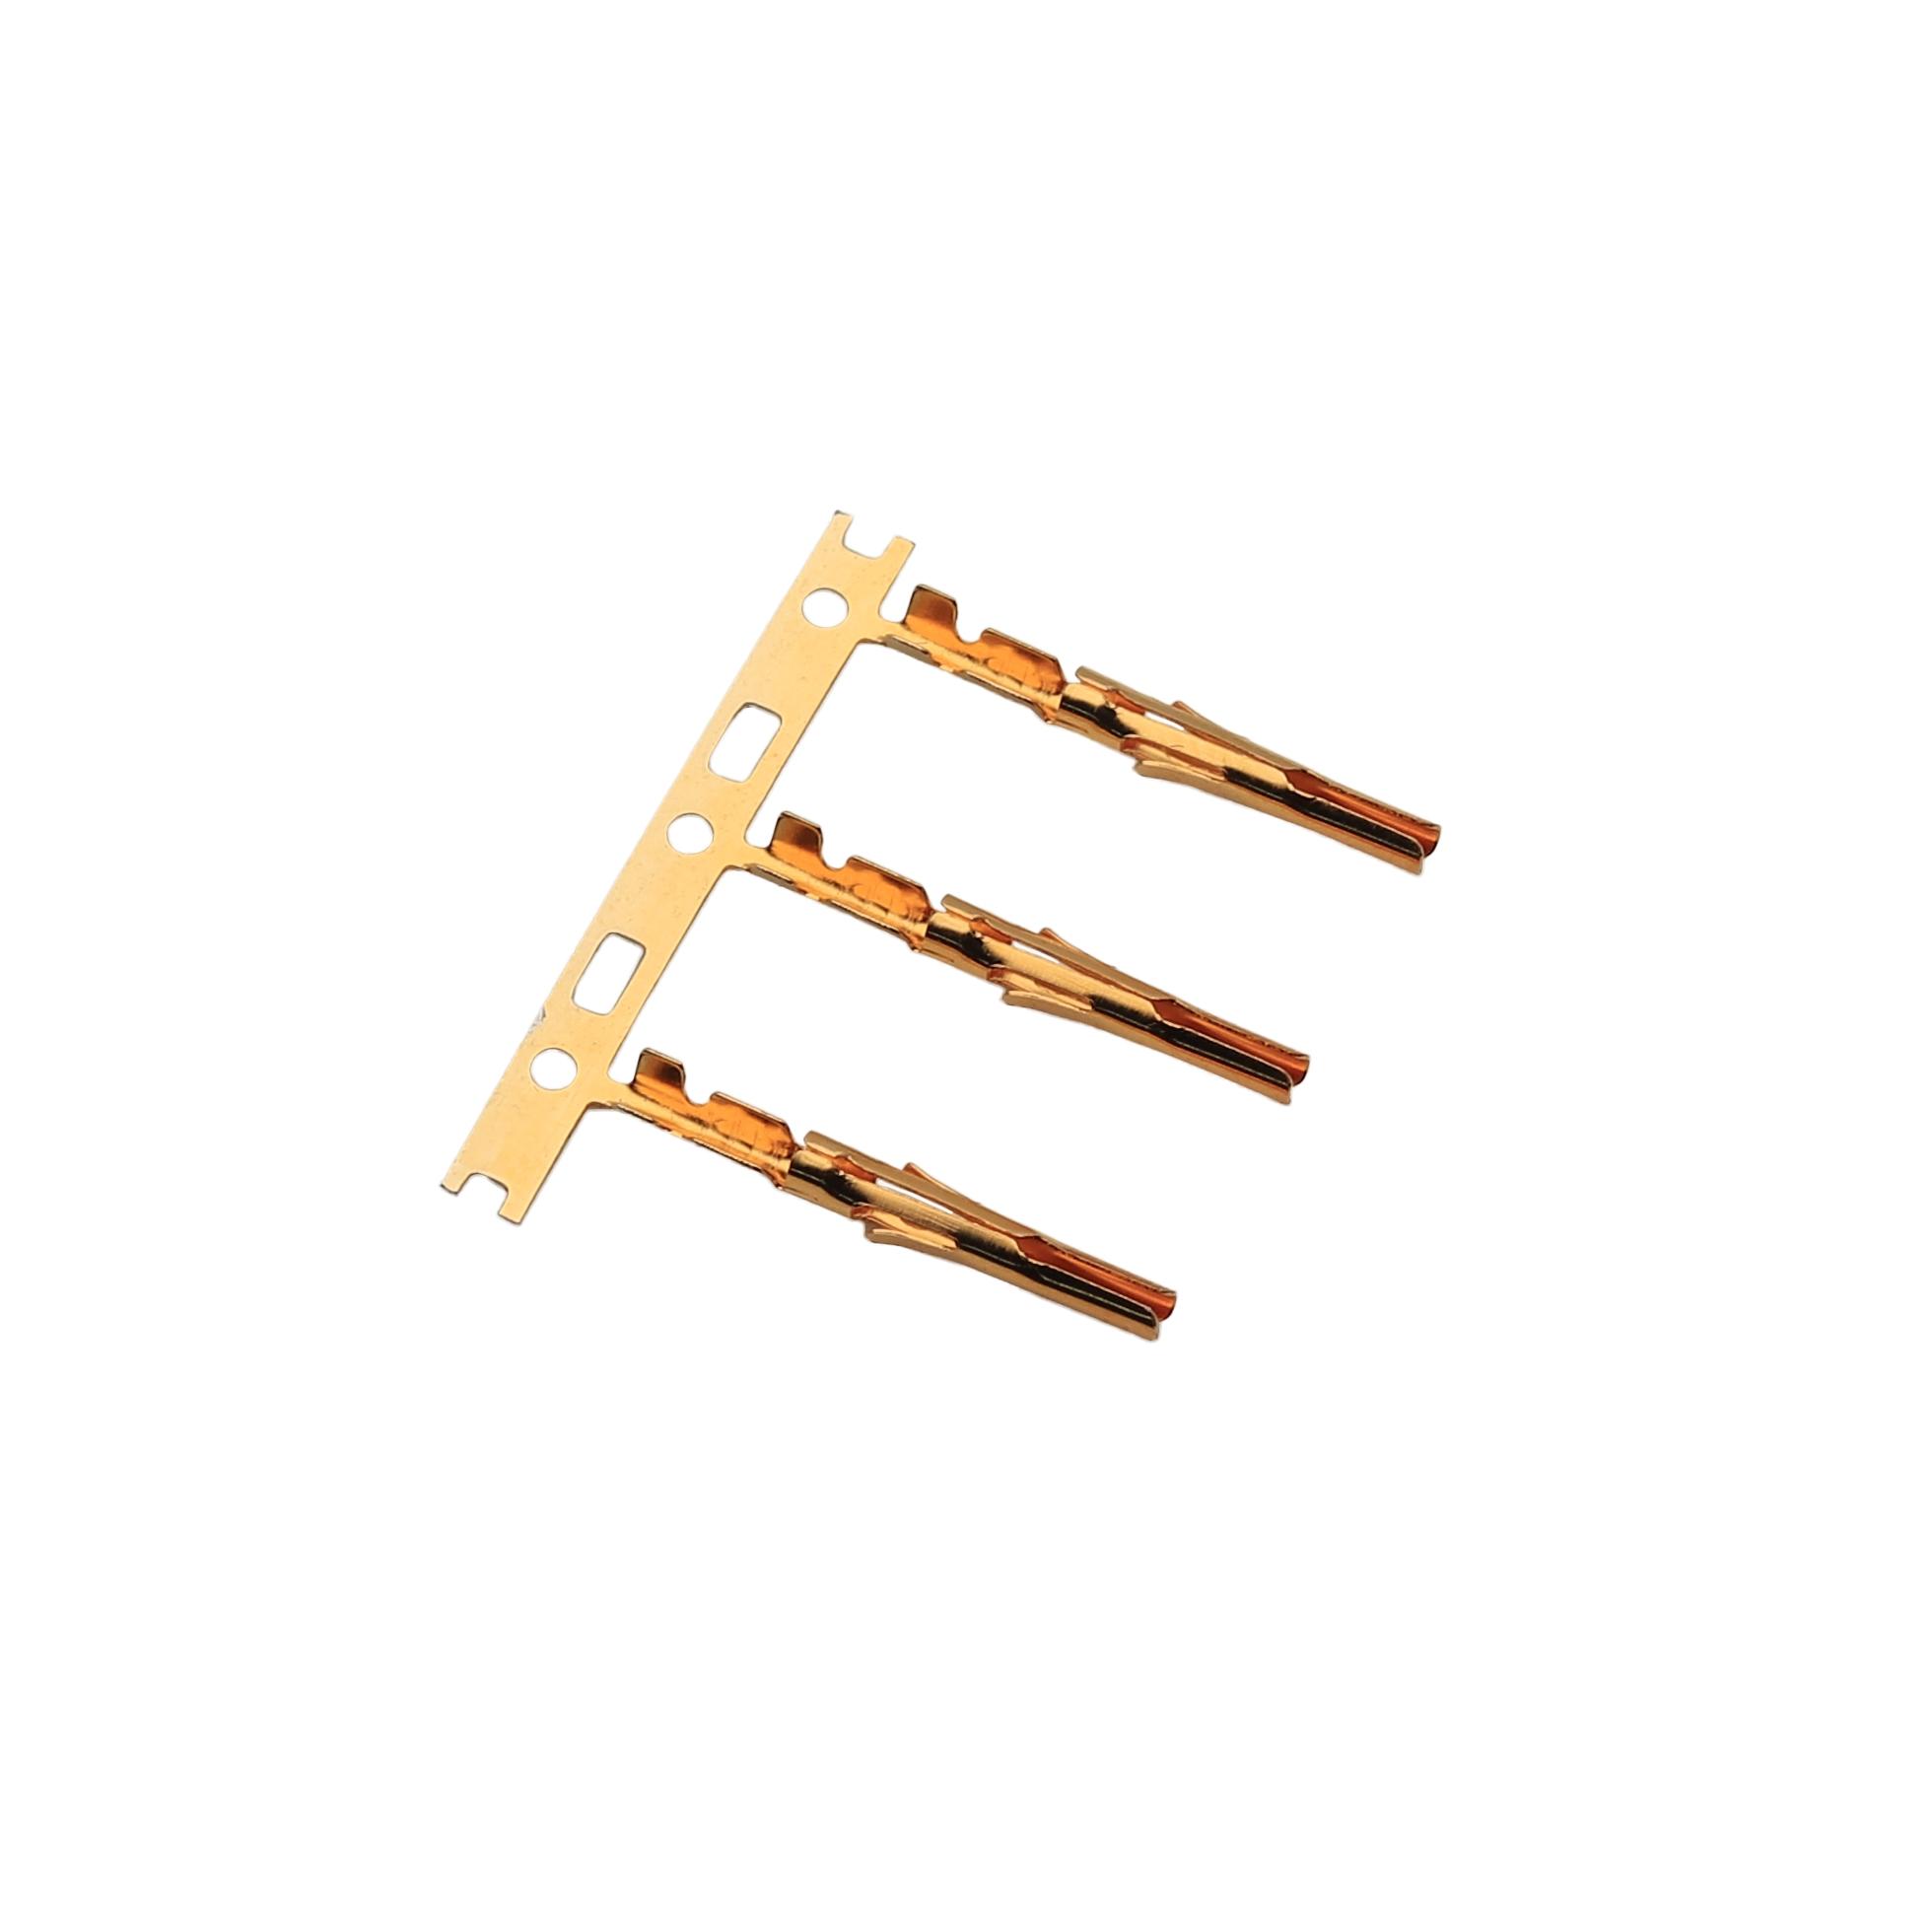 1.5翅膀母端 醫療接線端子精密模具優質供應商志盈端子